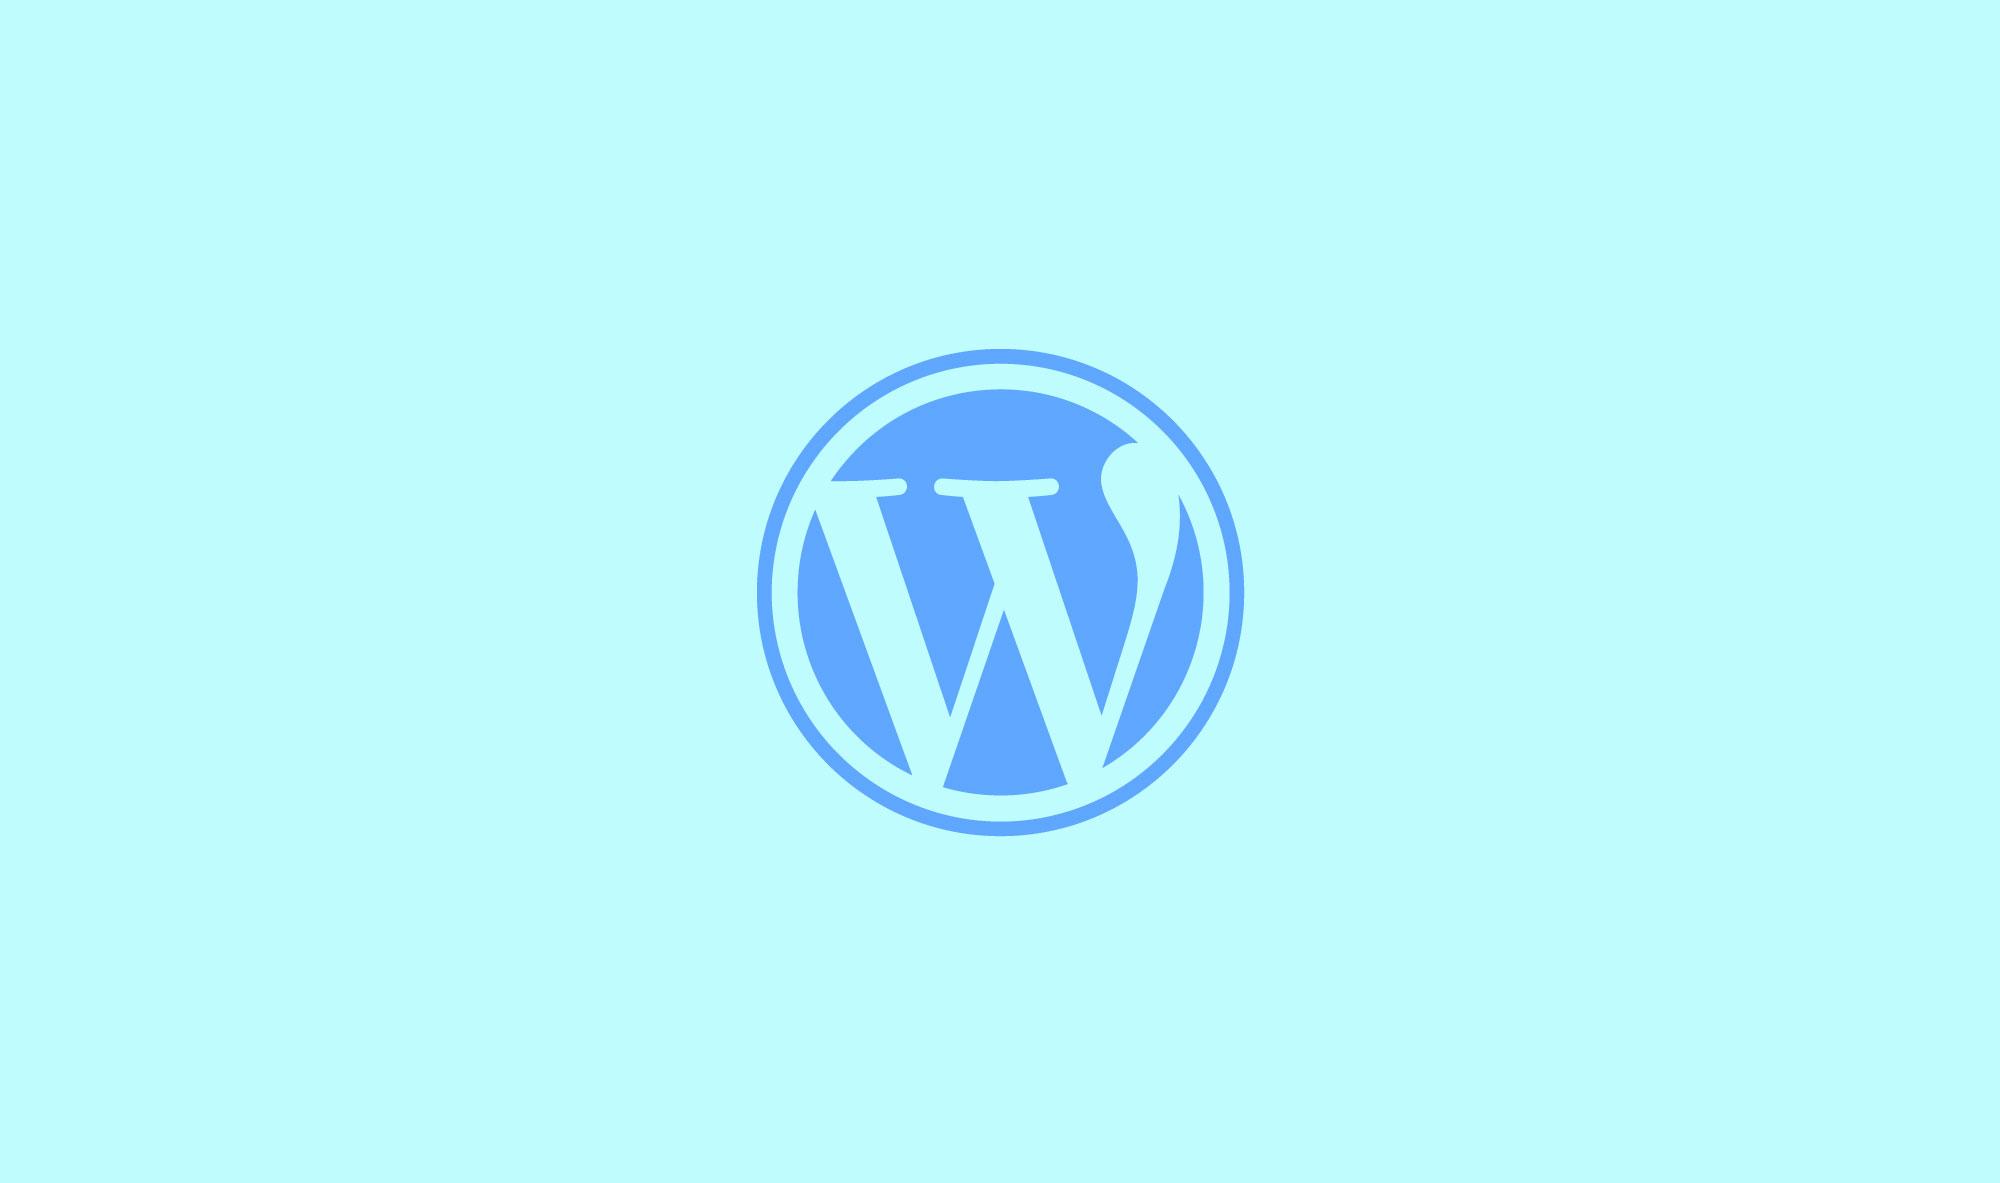 WordPress Logo Pastel